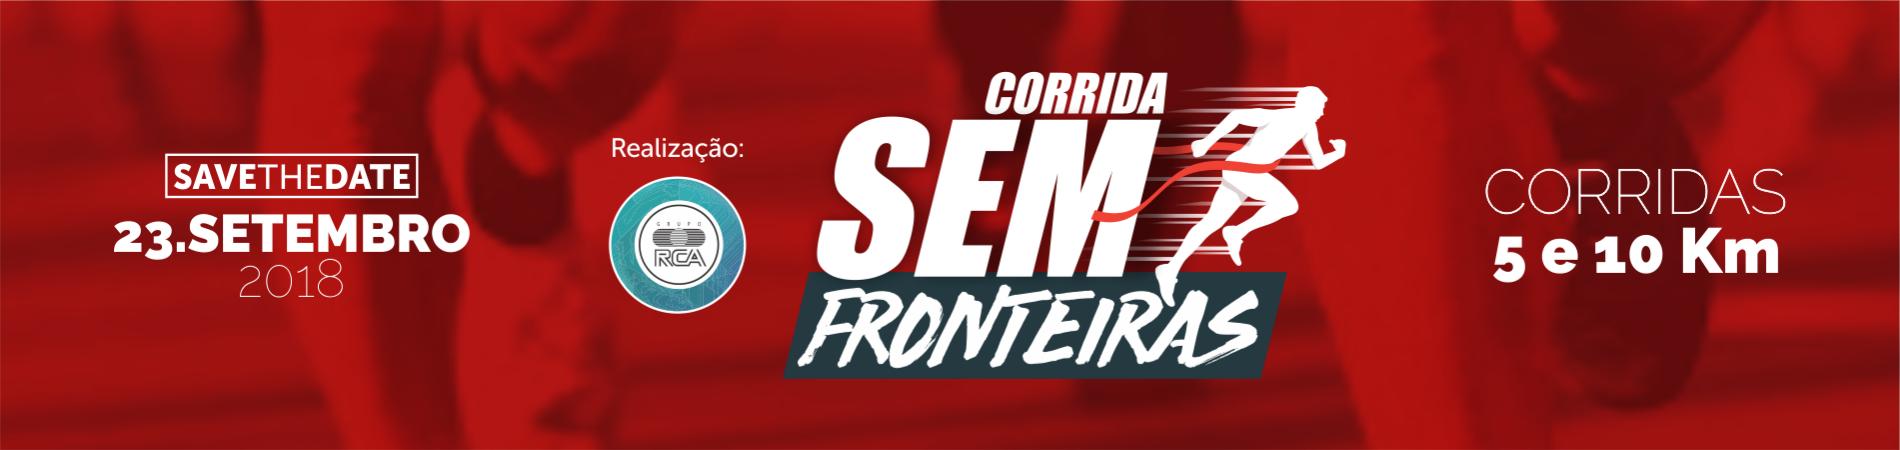 CORRIDA SEM FRONTEIRAS - Imagem de topo